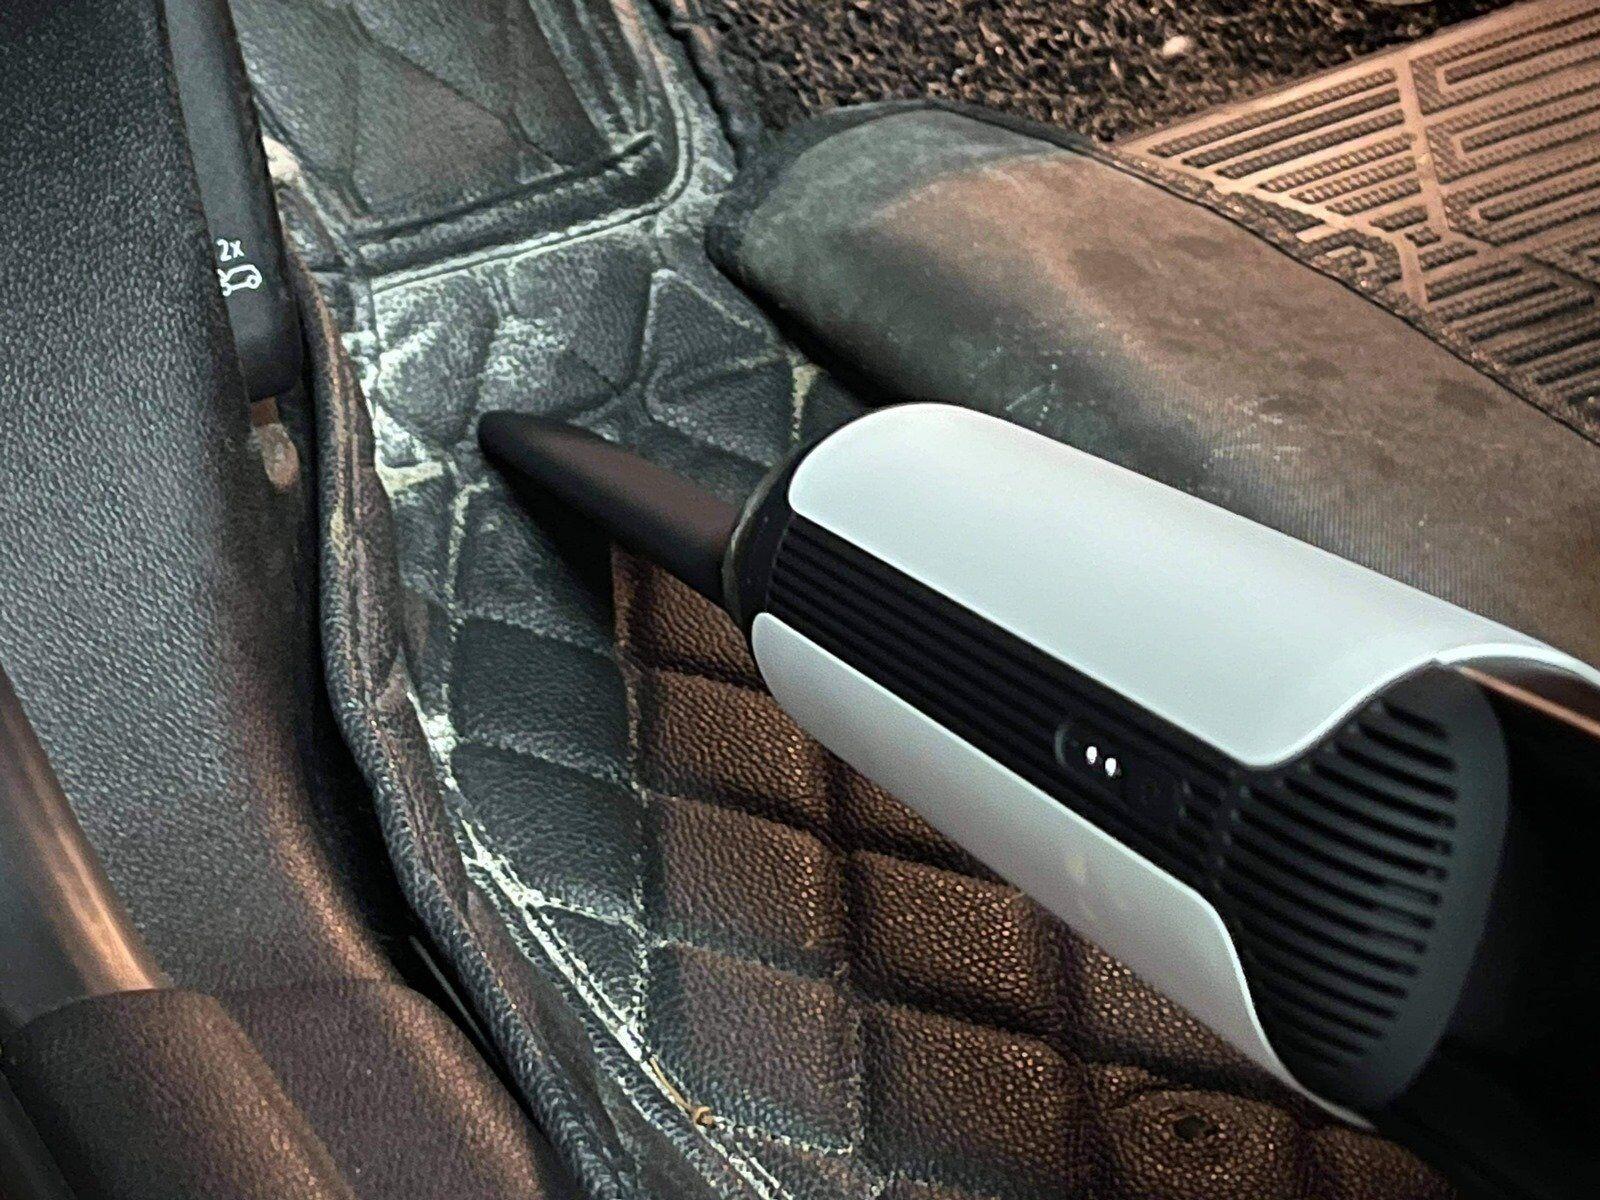 美形典雅、搭配 HEPA 濾芯!高續航力的 ONPRO UV-V1 Pro 二代無線吸塵器可以家用車用貓用…… 哪裡都能用! @3C 達人廖阿輝